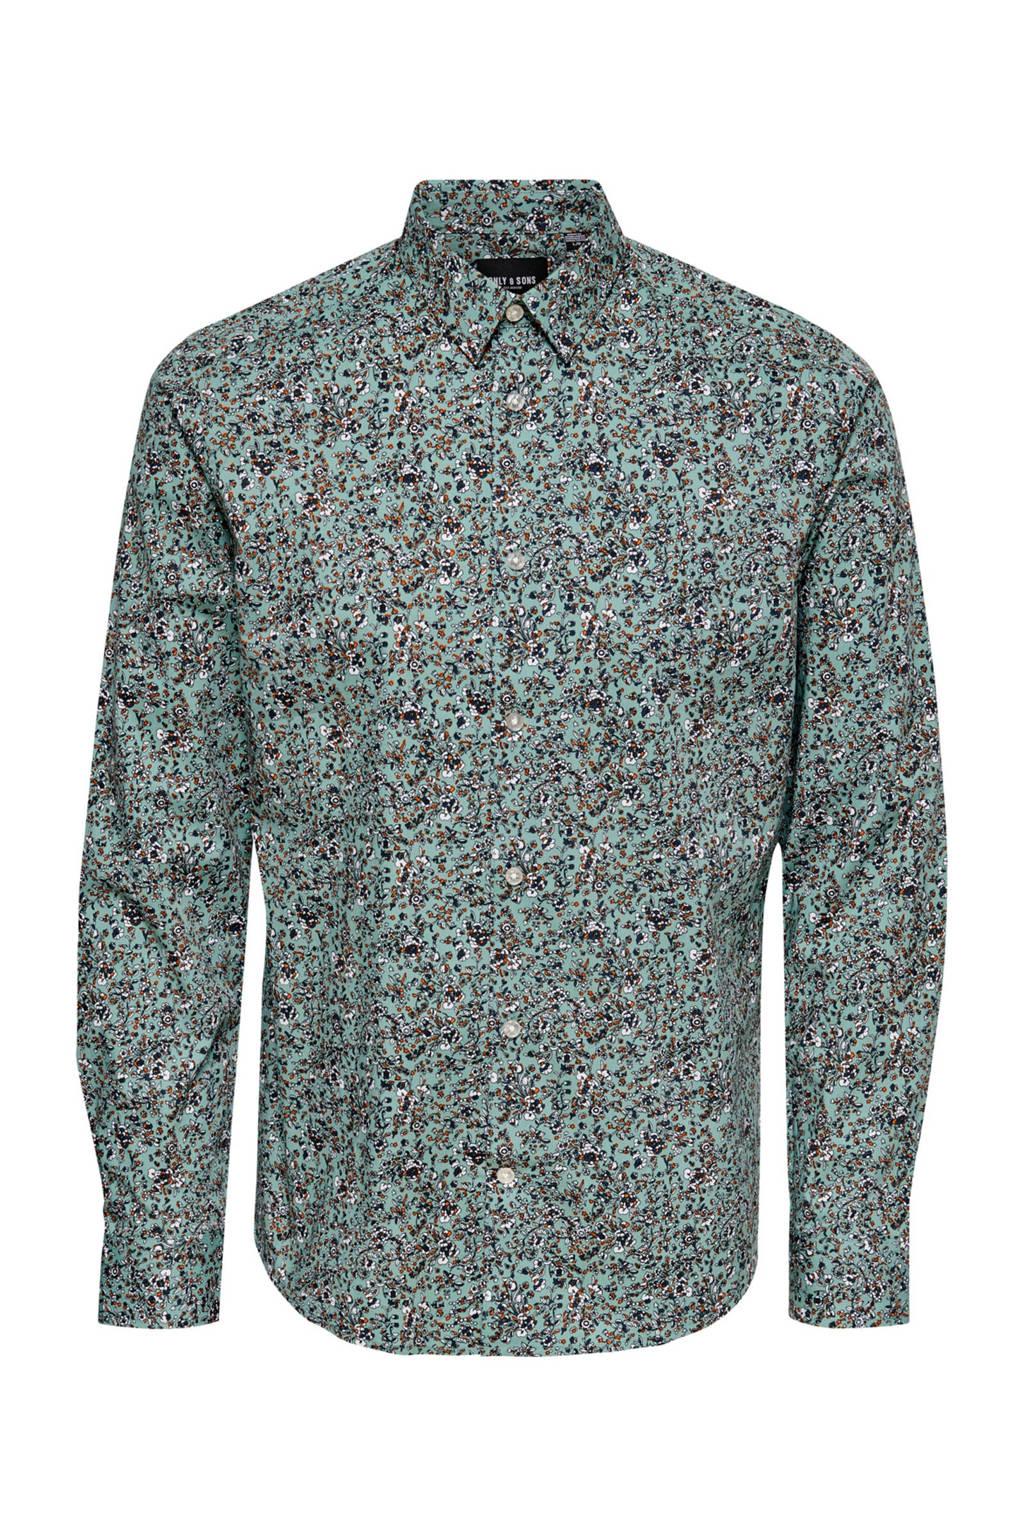 ONLY & SONS gebloemd slim fit overhemd met biologisch katoen mintgroen, Mintgroen